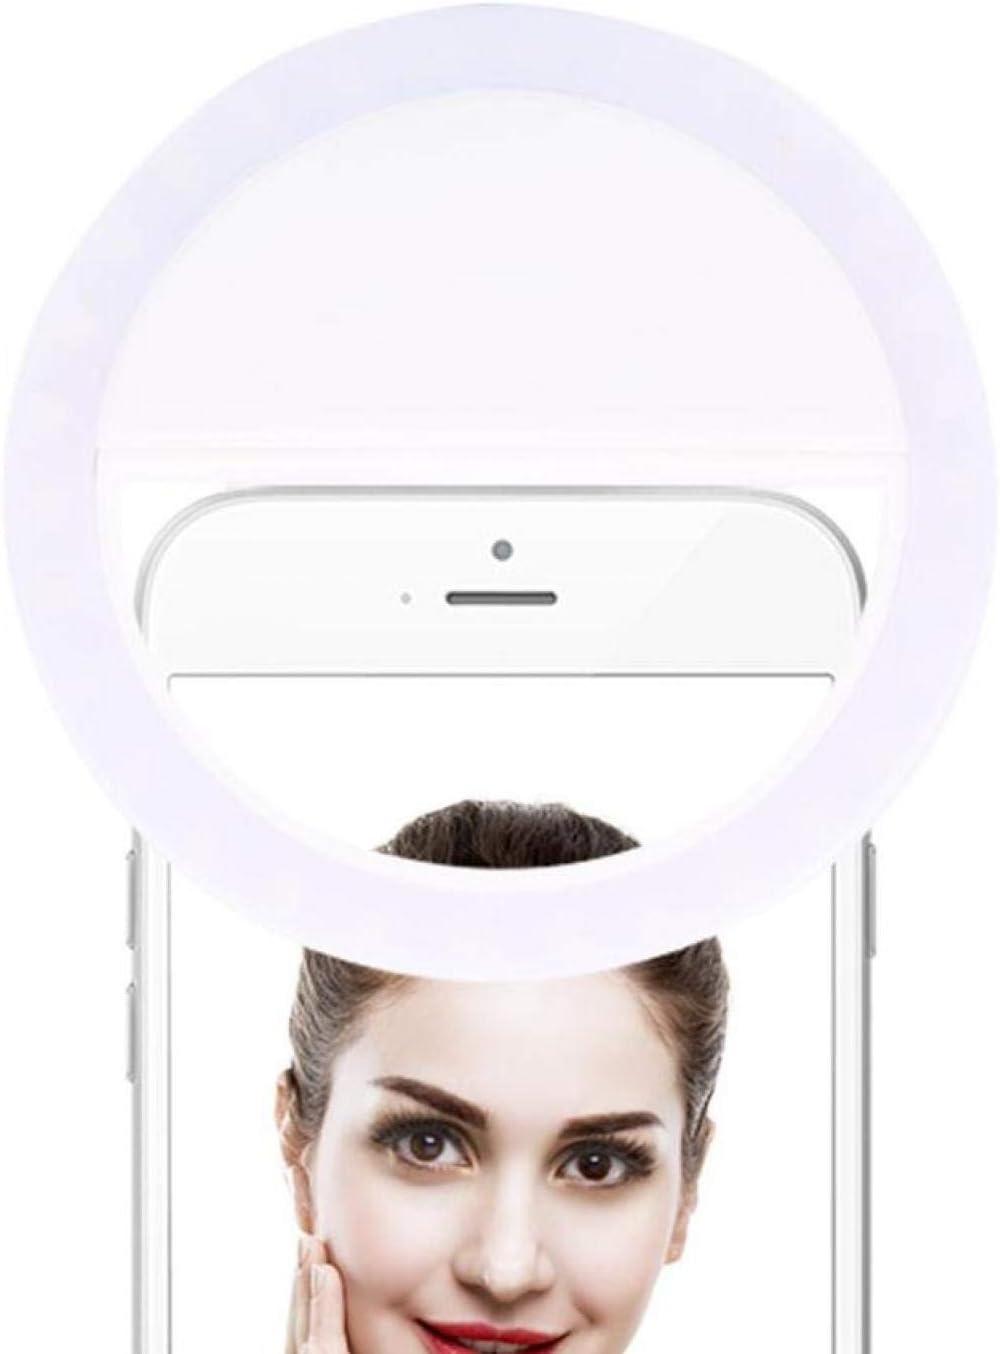 1 year Soldering warranty Goshyda 5600K 36LED LED Fill Light PC Mobile P for Tablet Phone